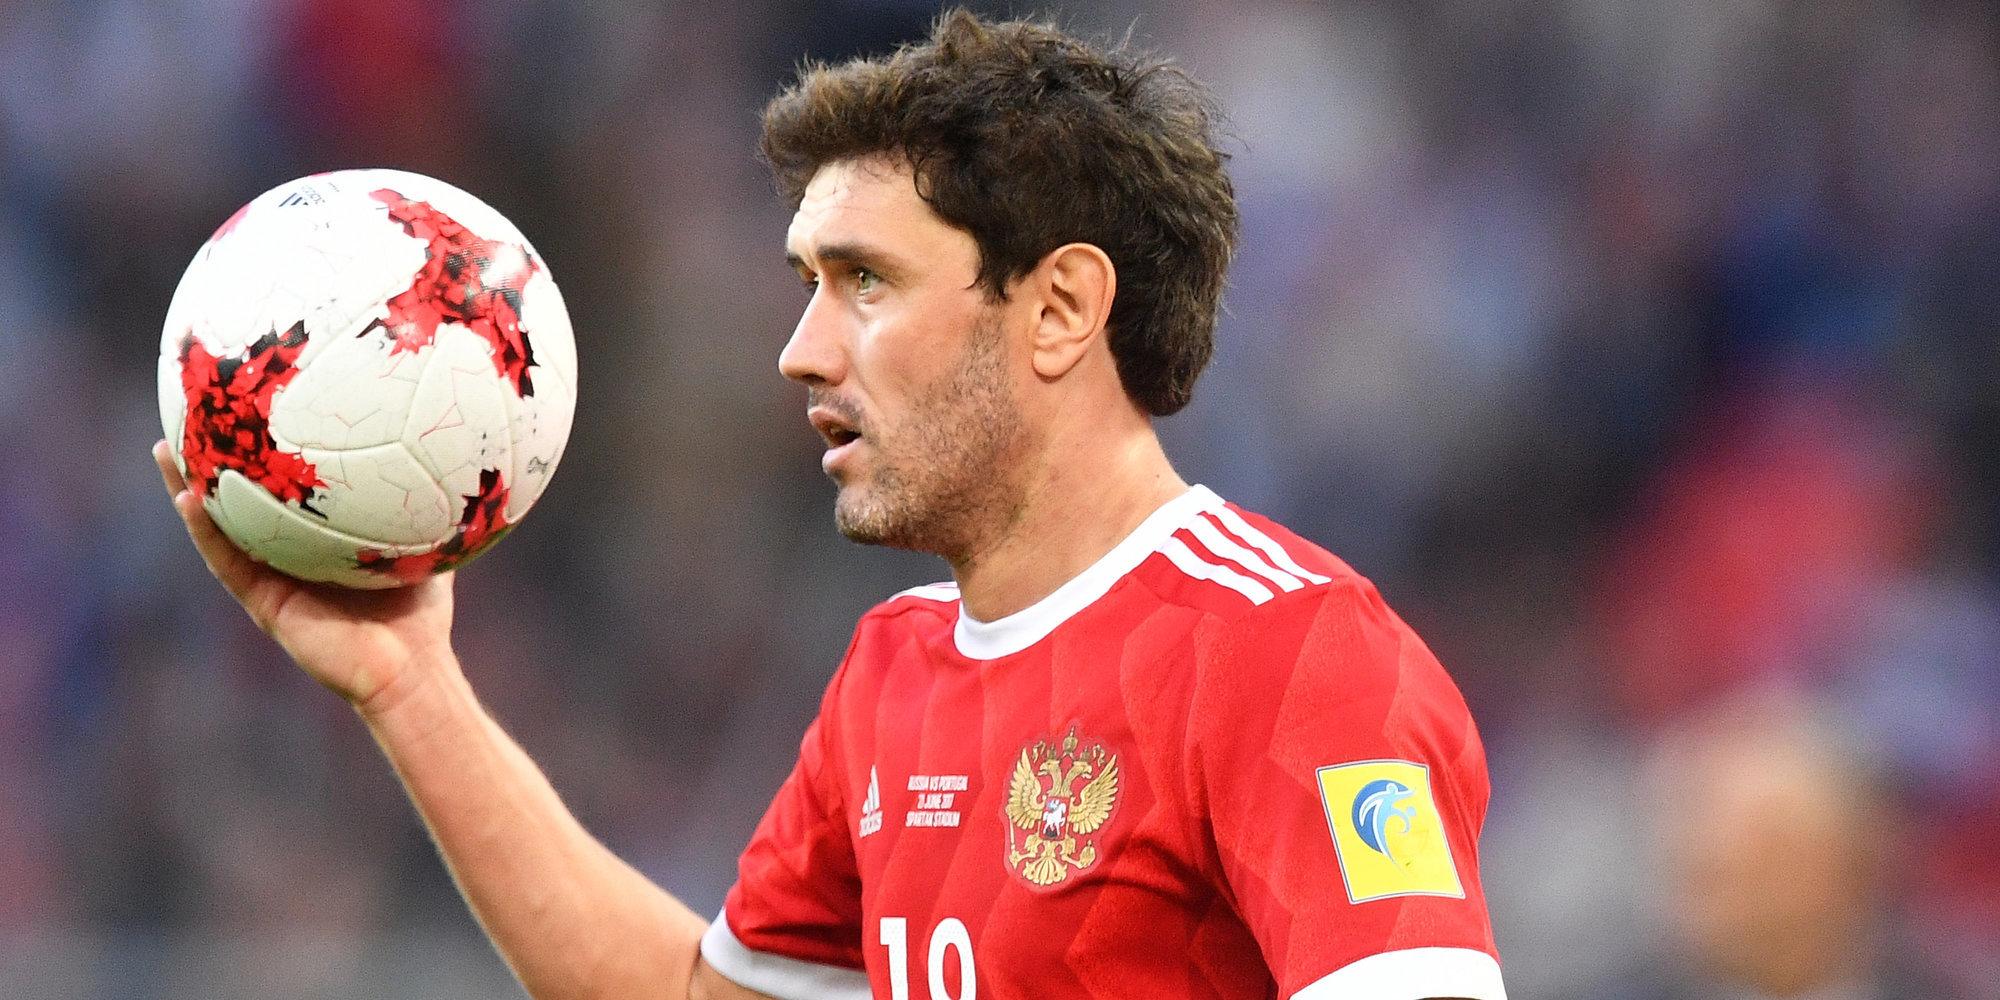 В телесериале «Американцы» мошенники получили имена русских футболистов